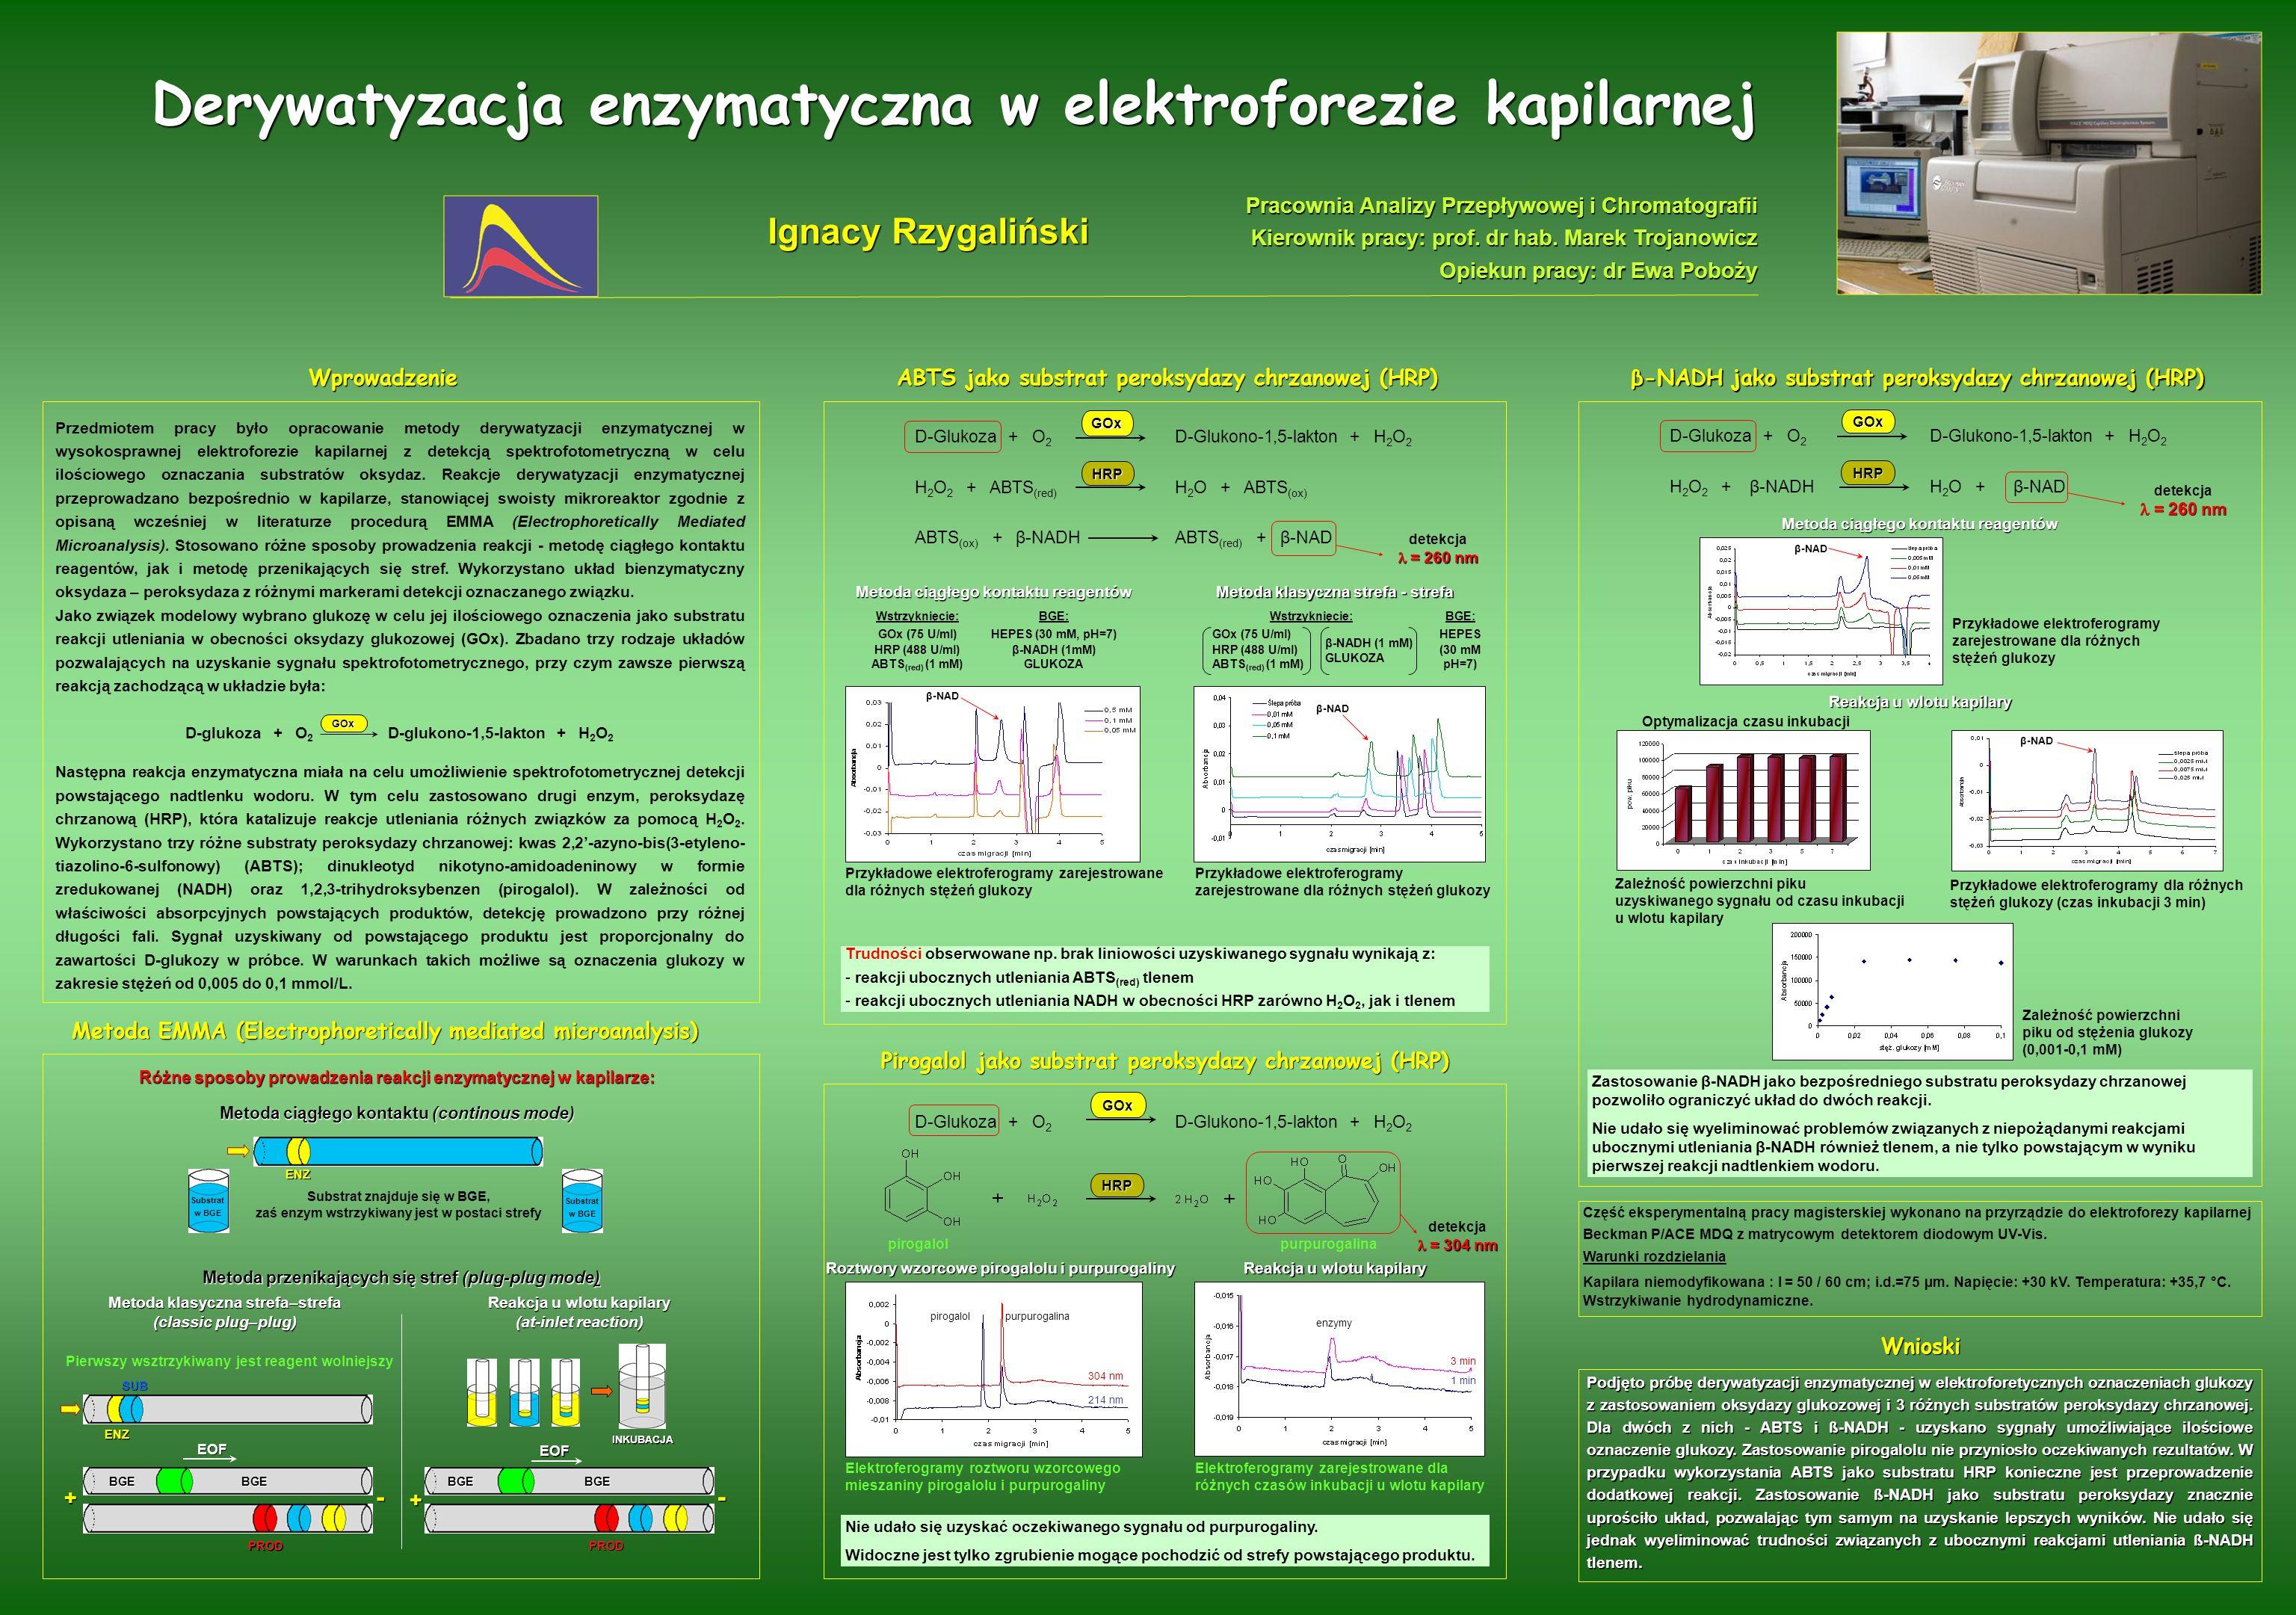 Derywatyzacja enzymatyczna w elektroforezie kapilarnej